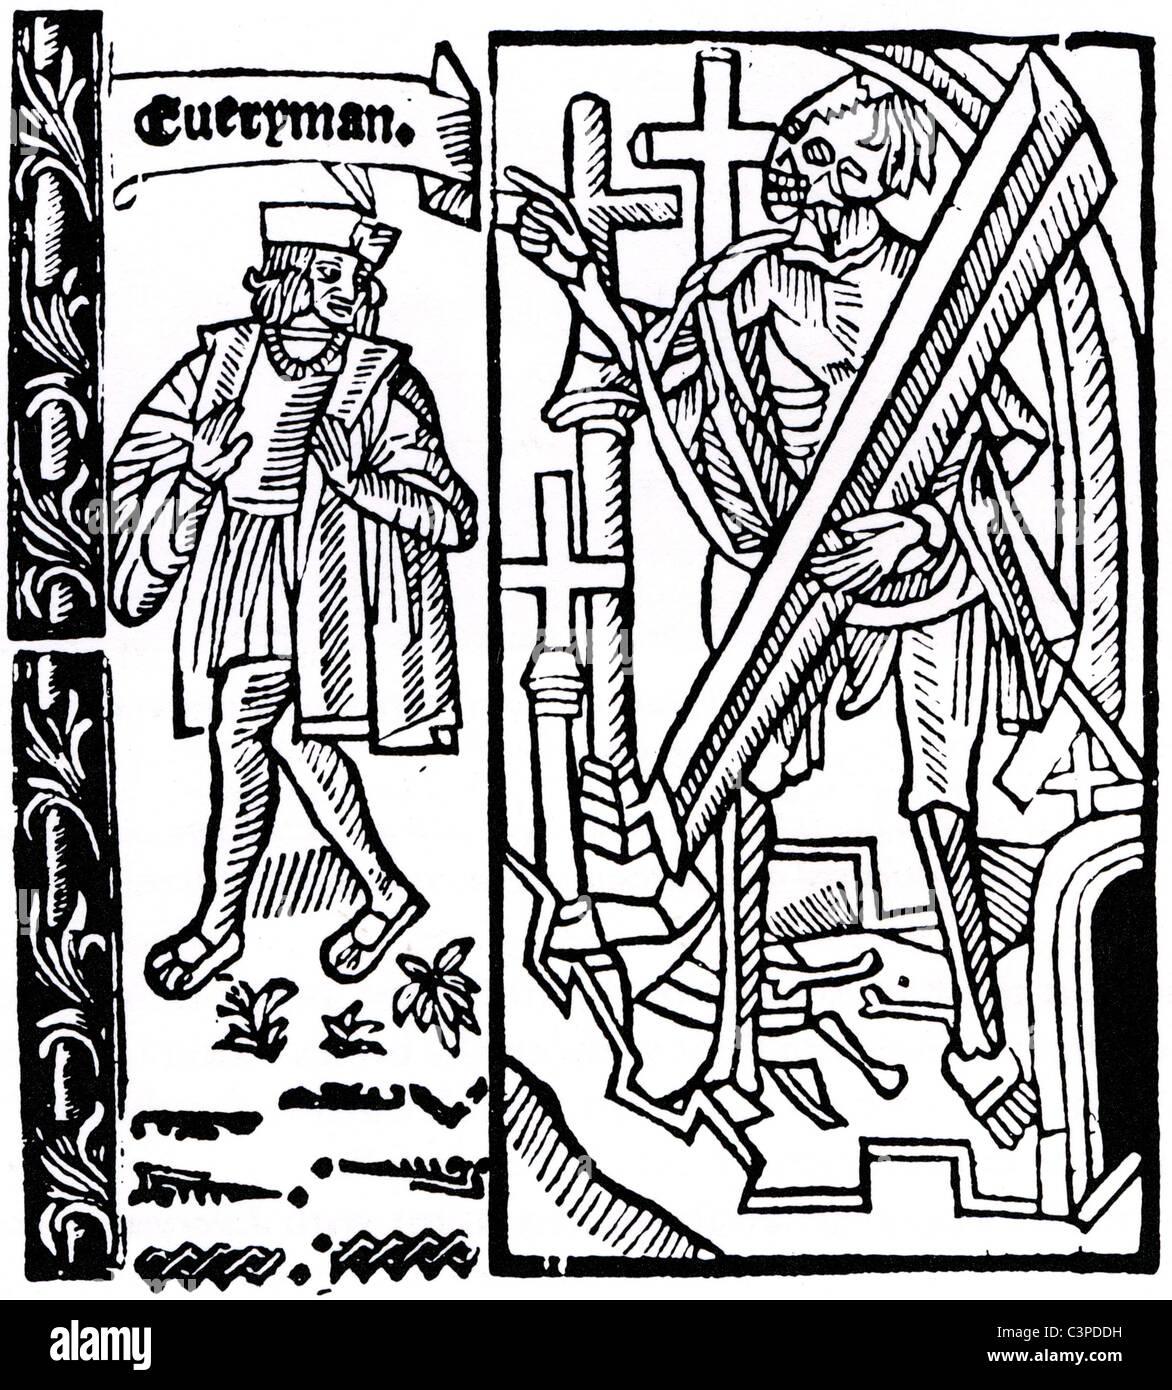 EVERYMAN-Holzschnitt von Titelseite 1530 Ausgabe des mittelalterlichen Moralstück Stockbild